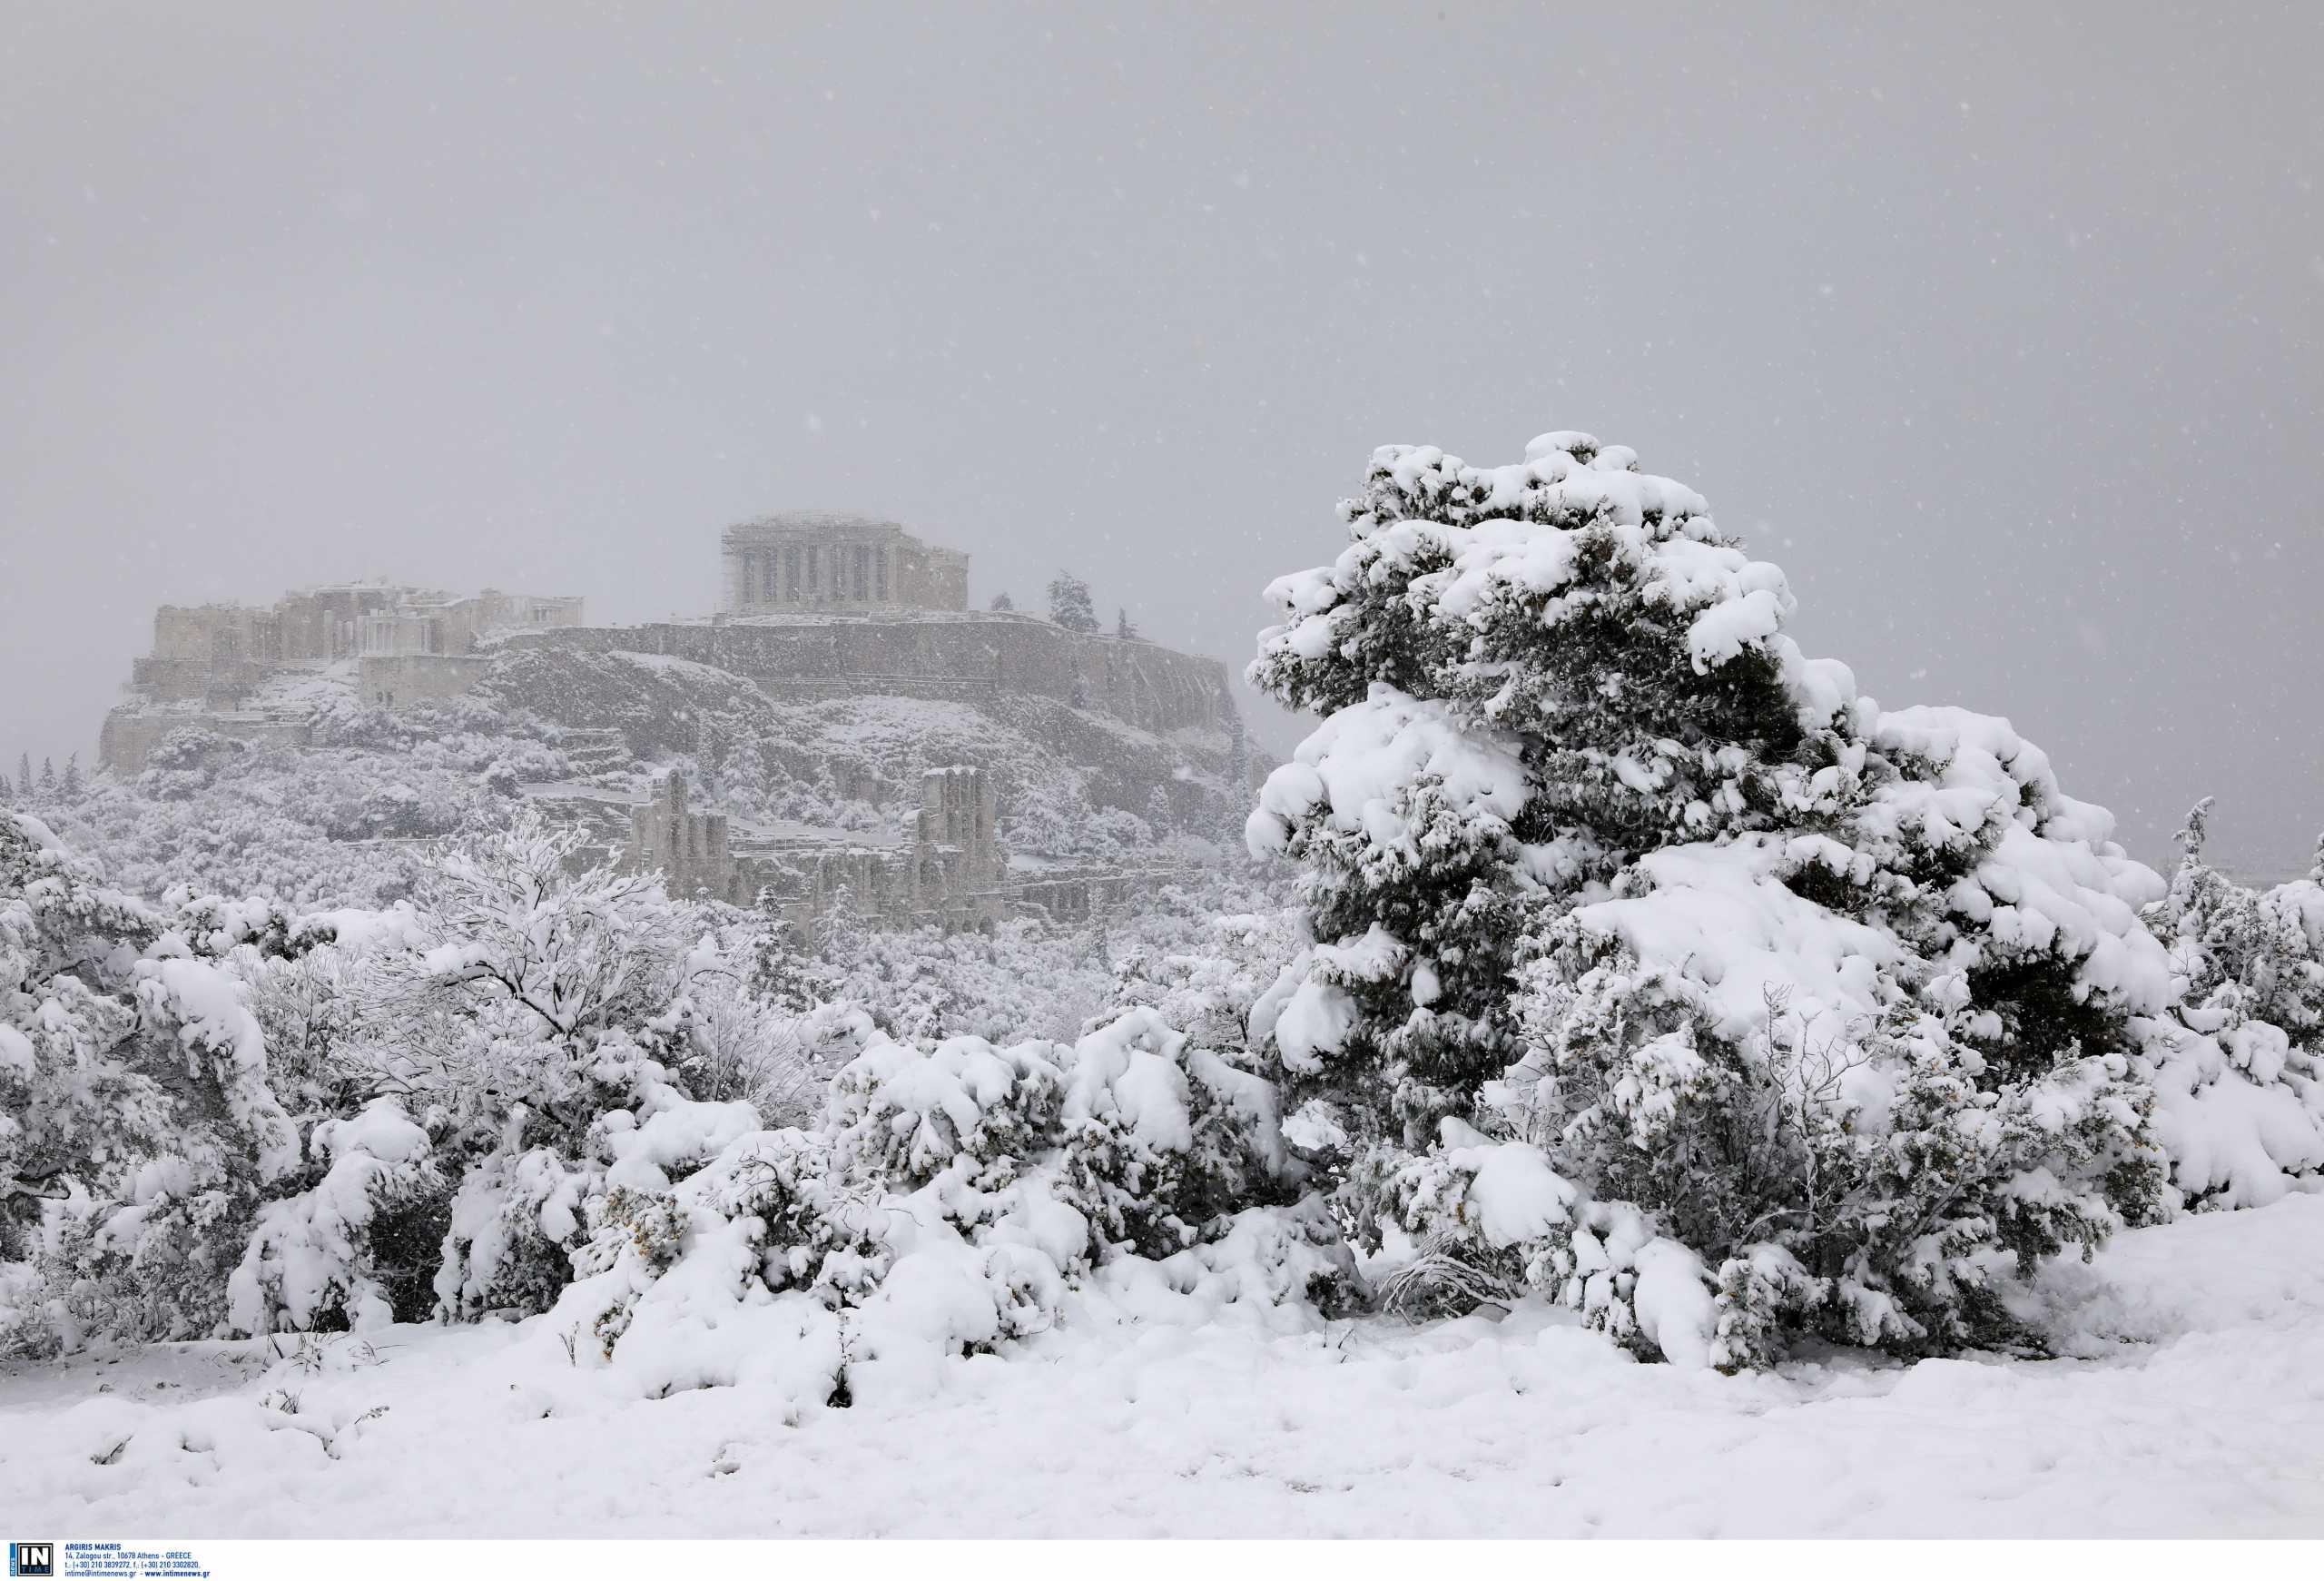 Η μαγική φωτογραφία της χιονισμένης Ακρόπολης που τρέλανε το Twitter